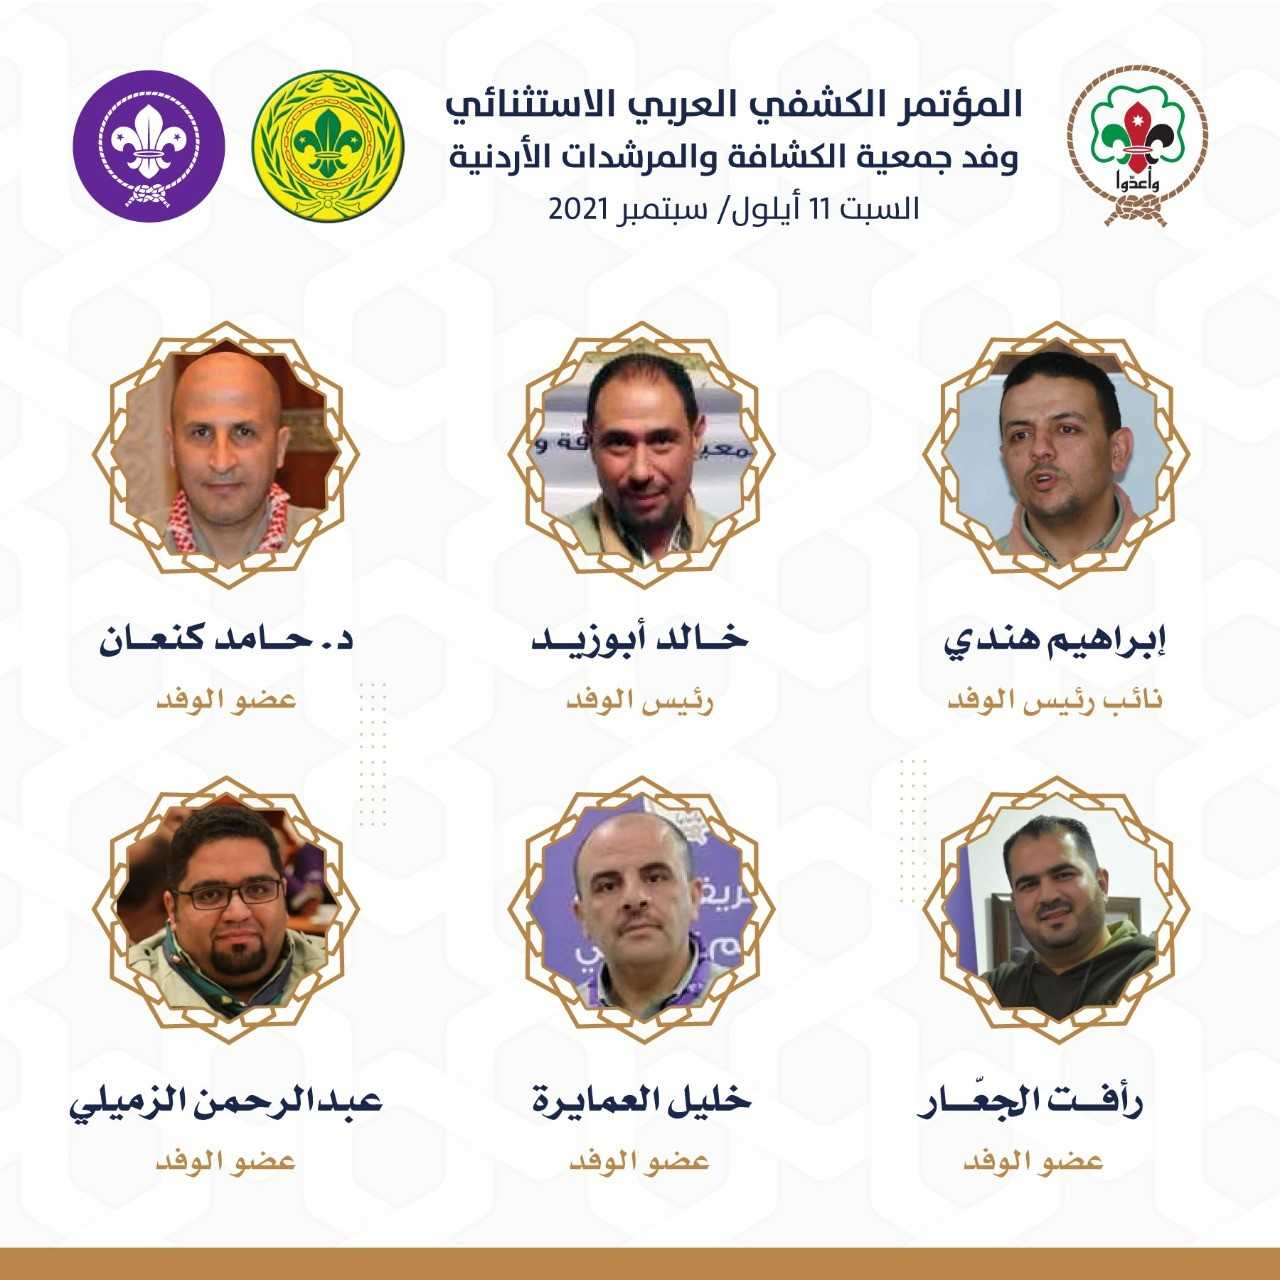 الكشافة والمرشدات تشارك في المؤتمر الكشفي العربي